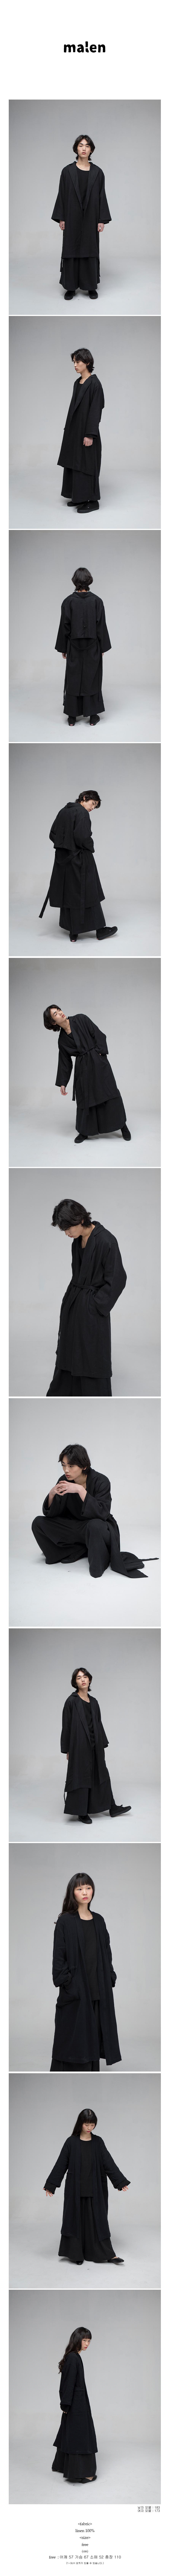 말렌(MALEN) unisex trench coat